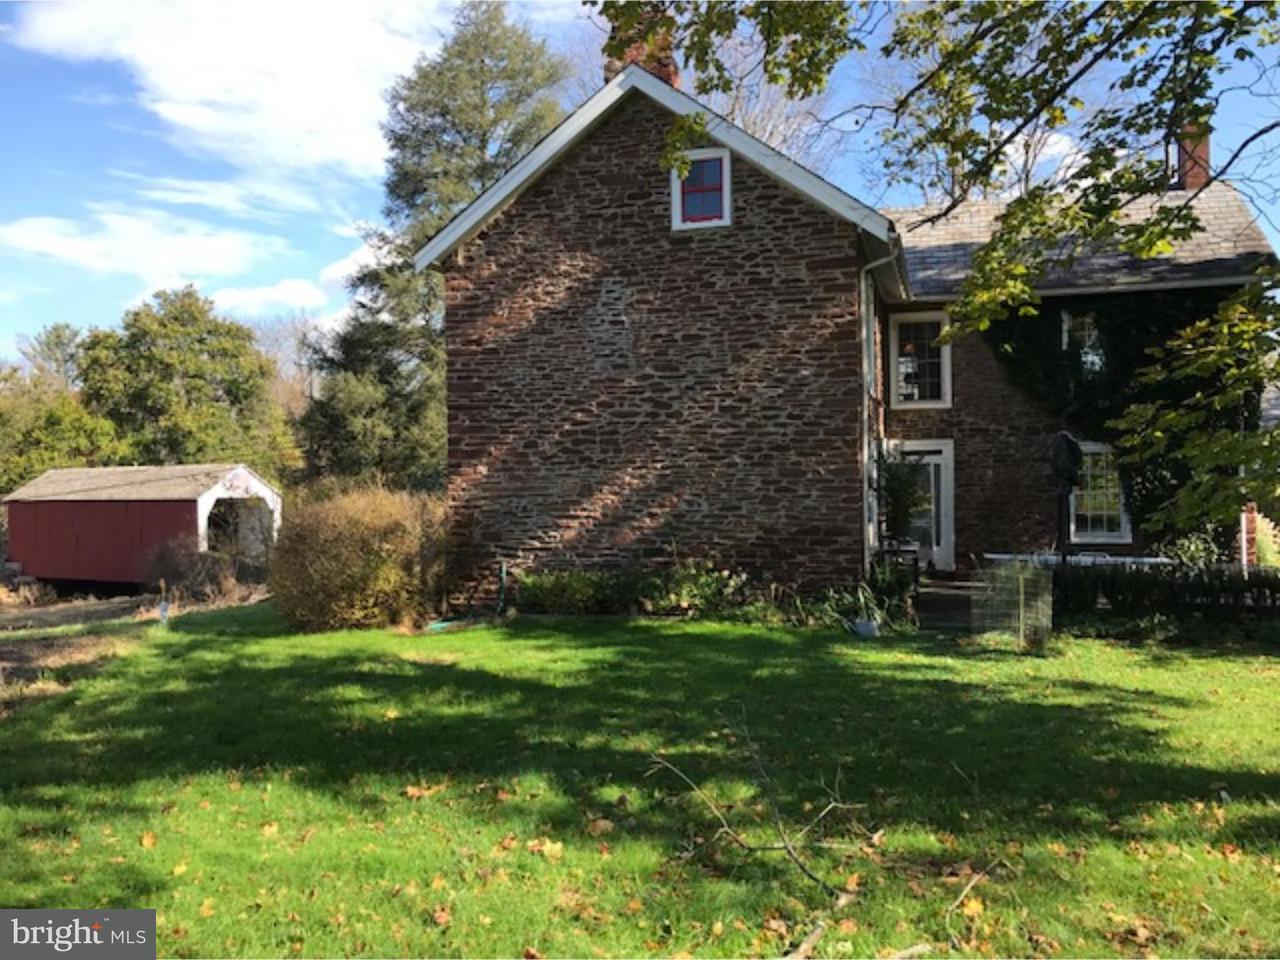 Частный односемейный дом для того Продажа на 85 GEIGEL HILL Road Erwinna, Пенсильвания 18920 Соединенные Штаты